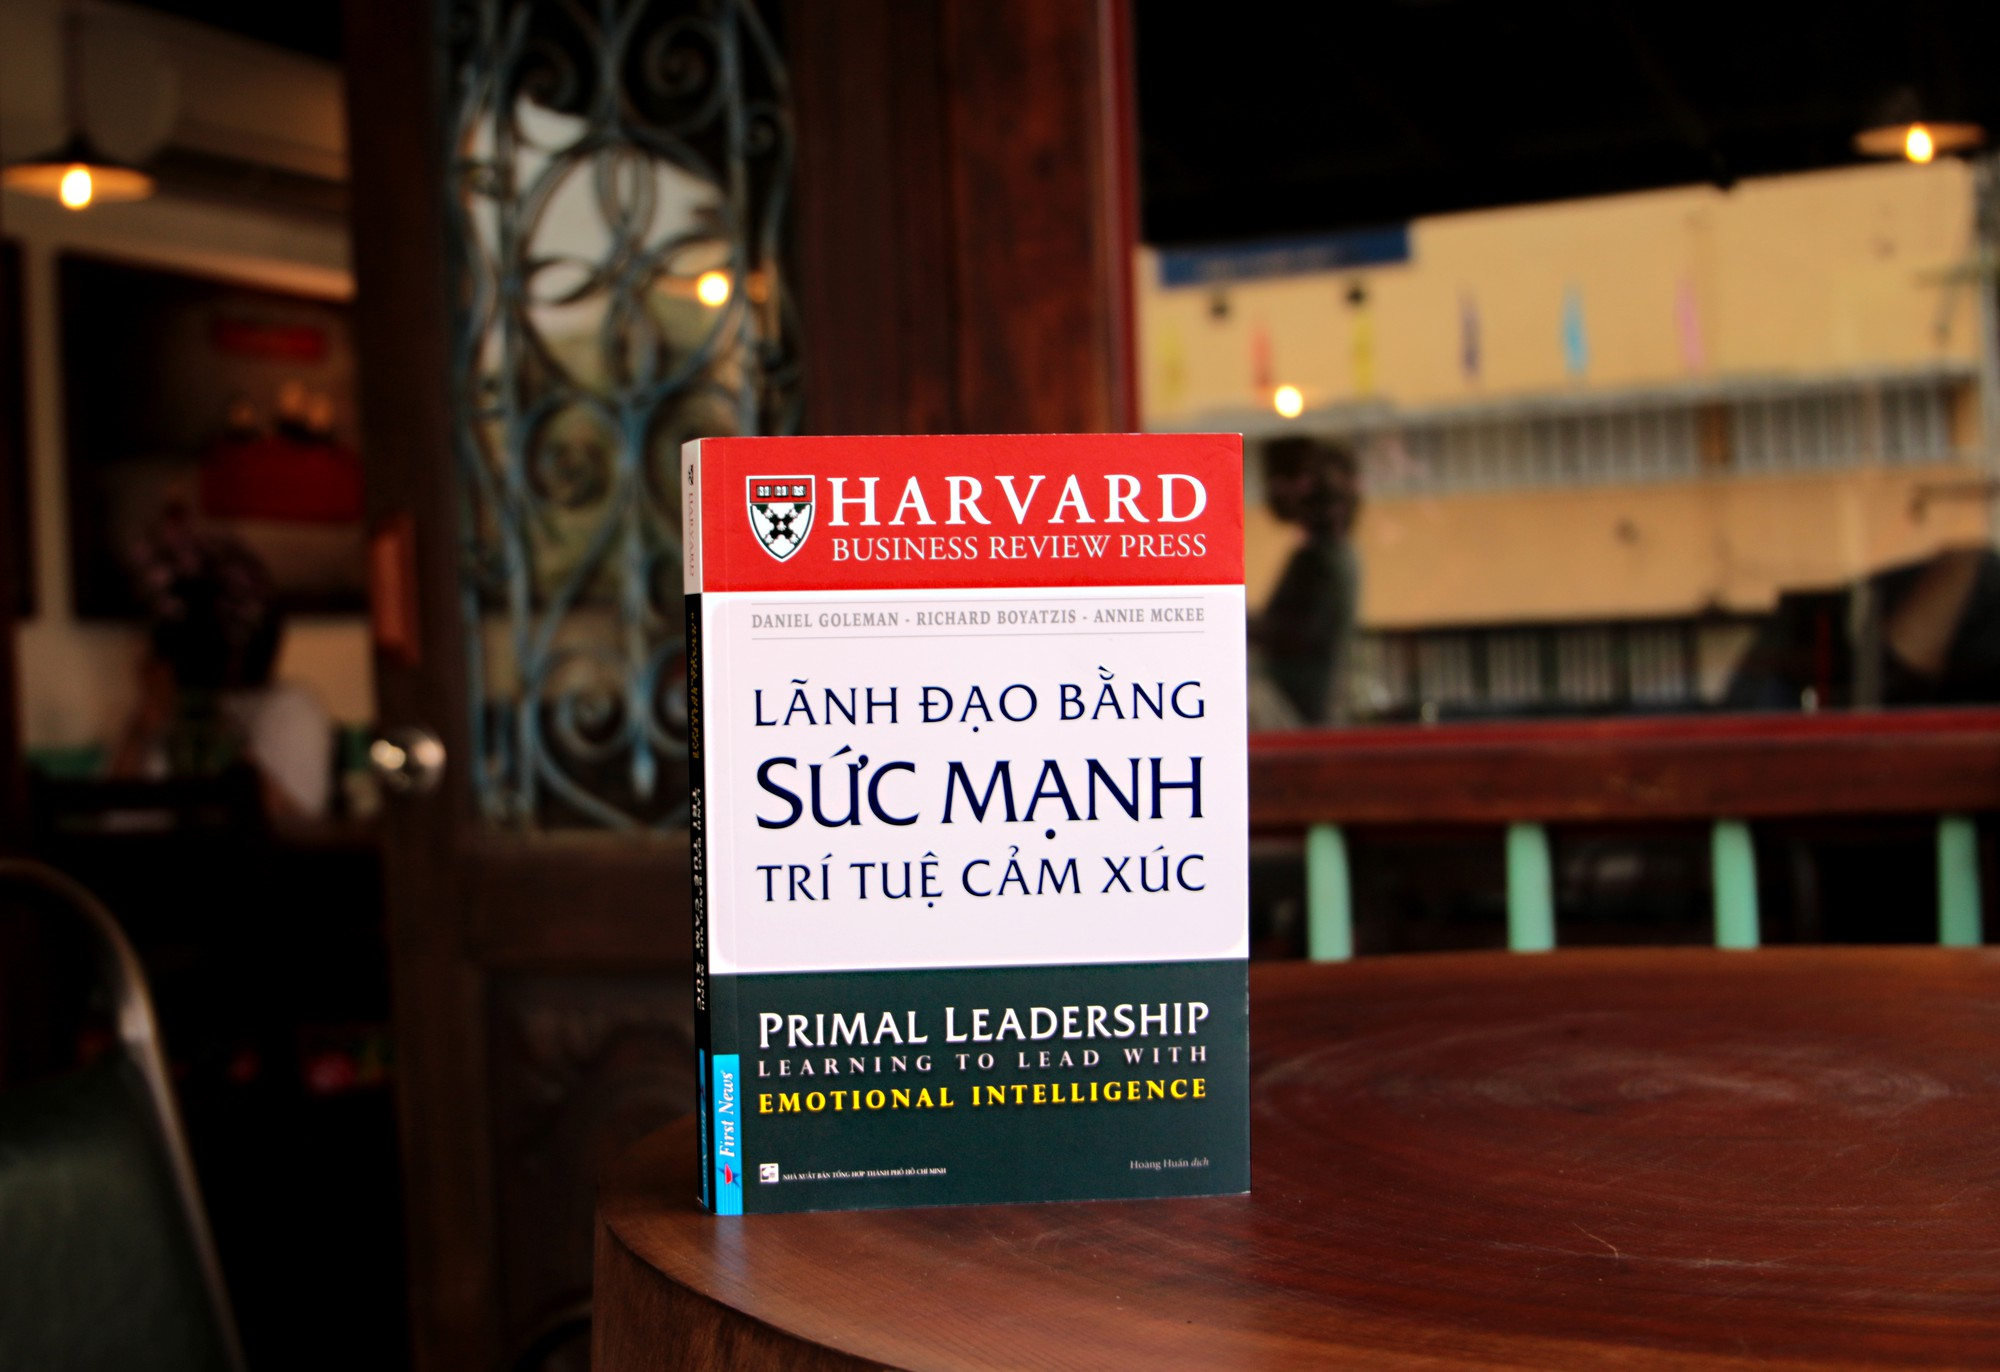 10 cuốn sách giá trị bất cứ doanh nhân nào cũng cần đọc - Ảnh 9.